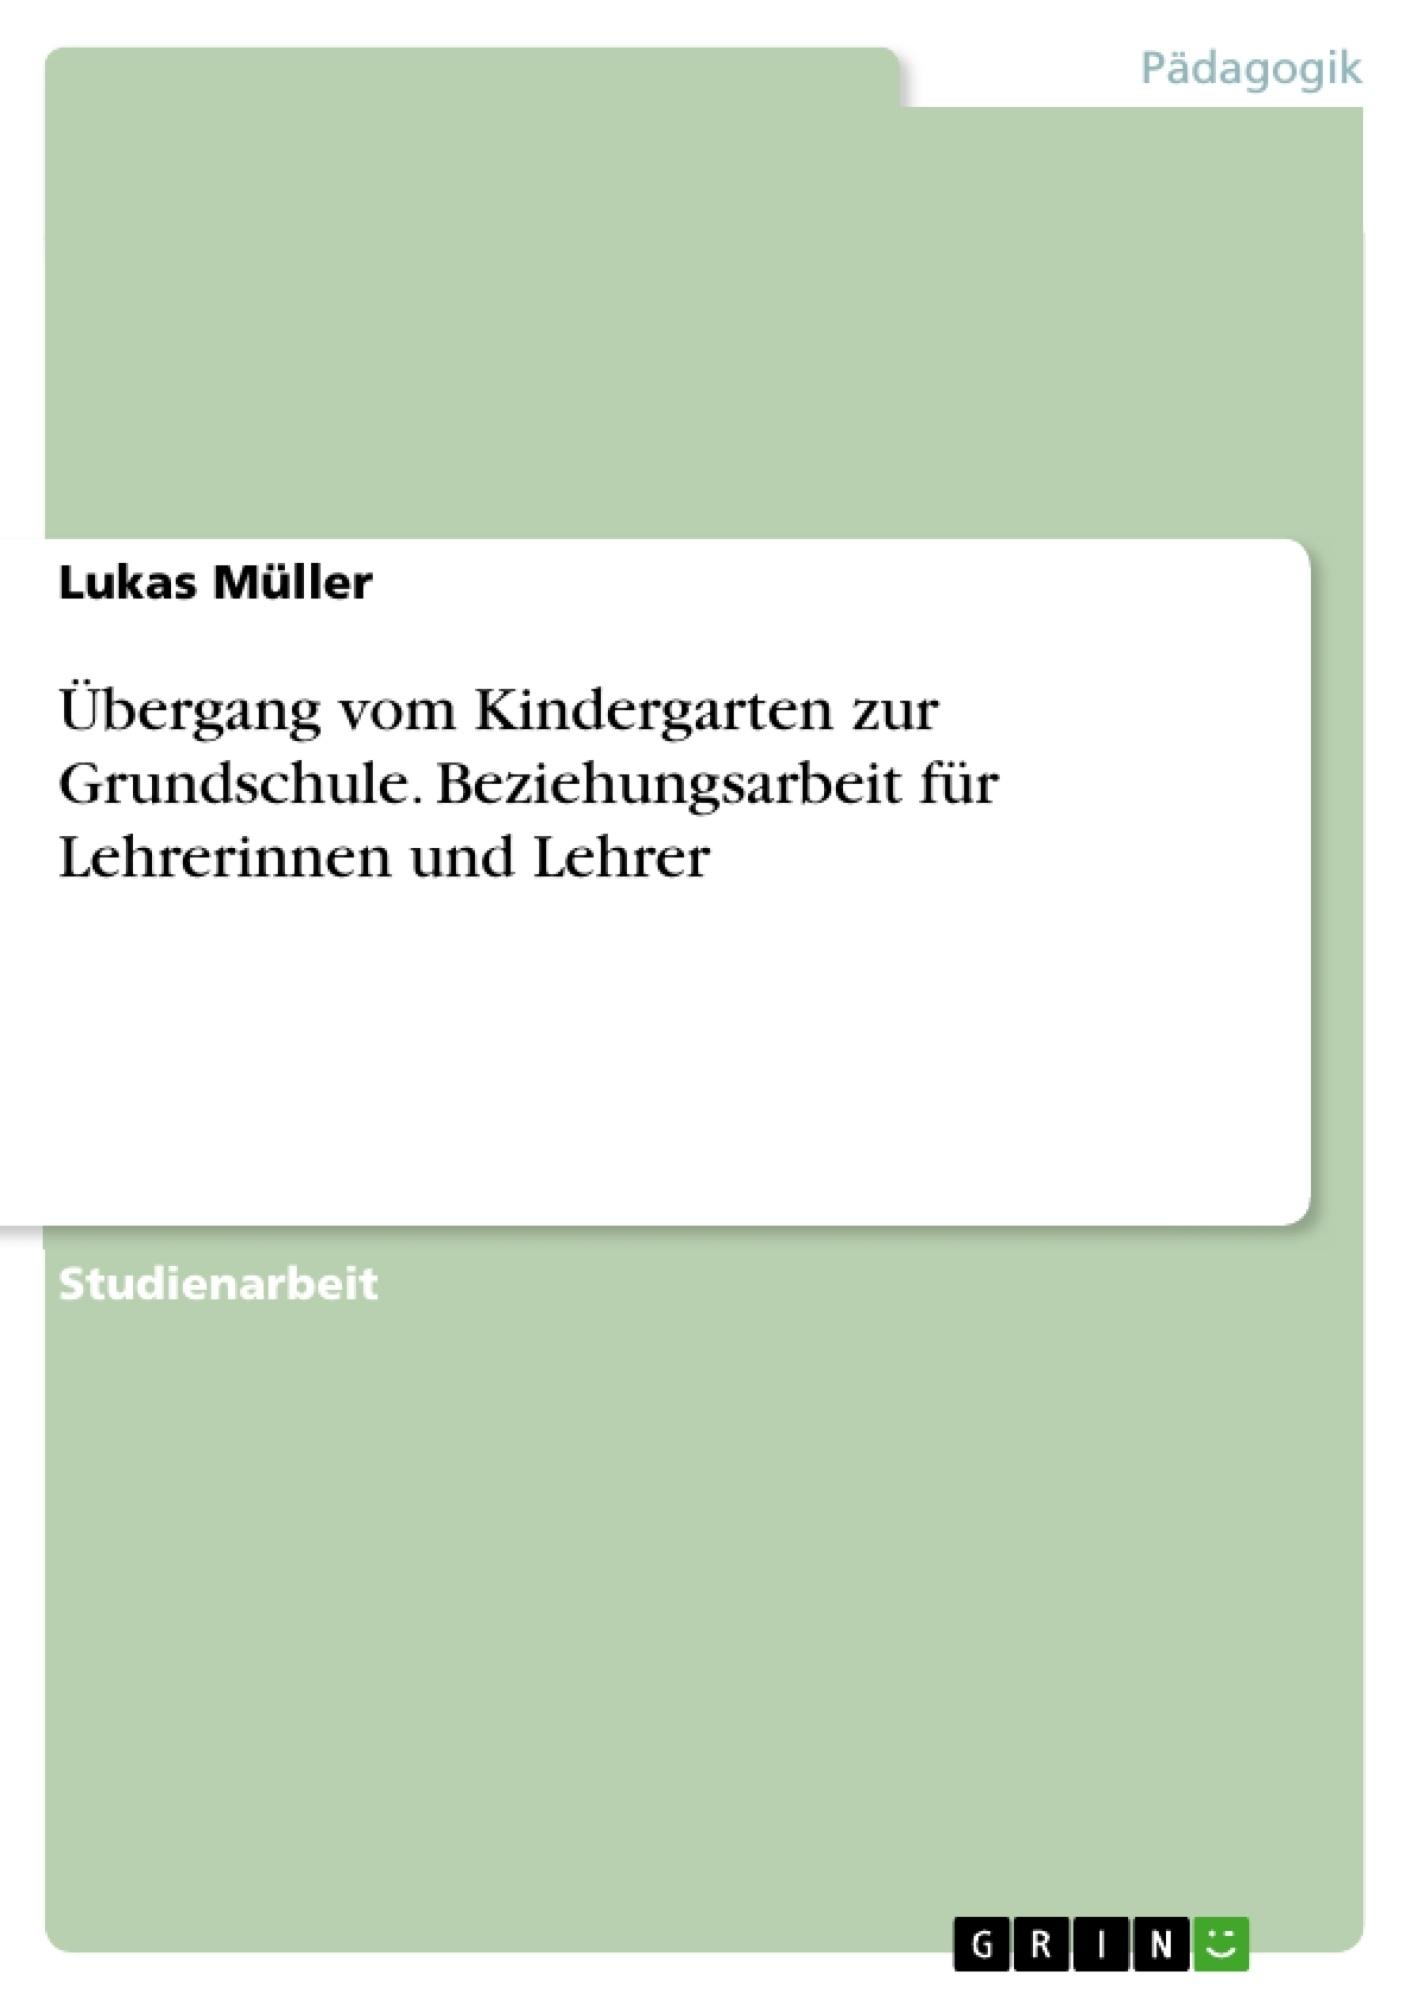 Titel: Übergang vom Kindergarten zur Grundschule. Beziehungsarbeit für Lehrerinnen und Lehrer